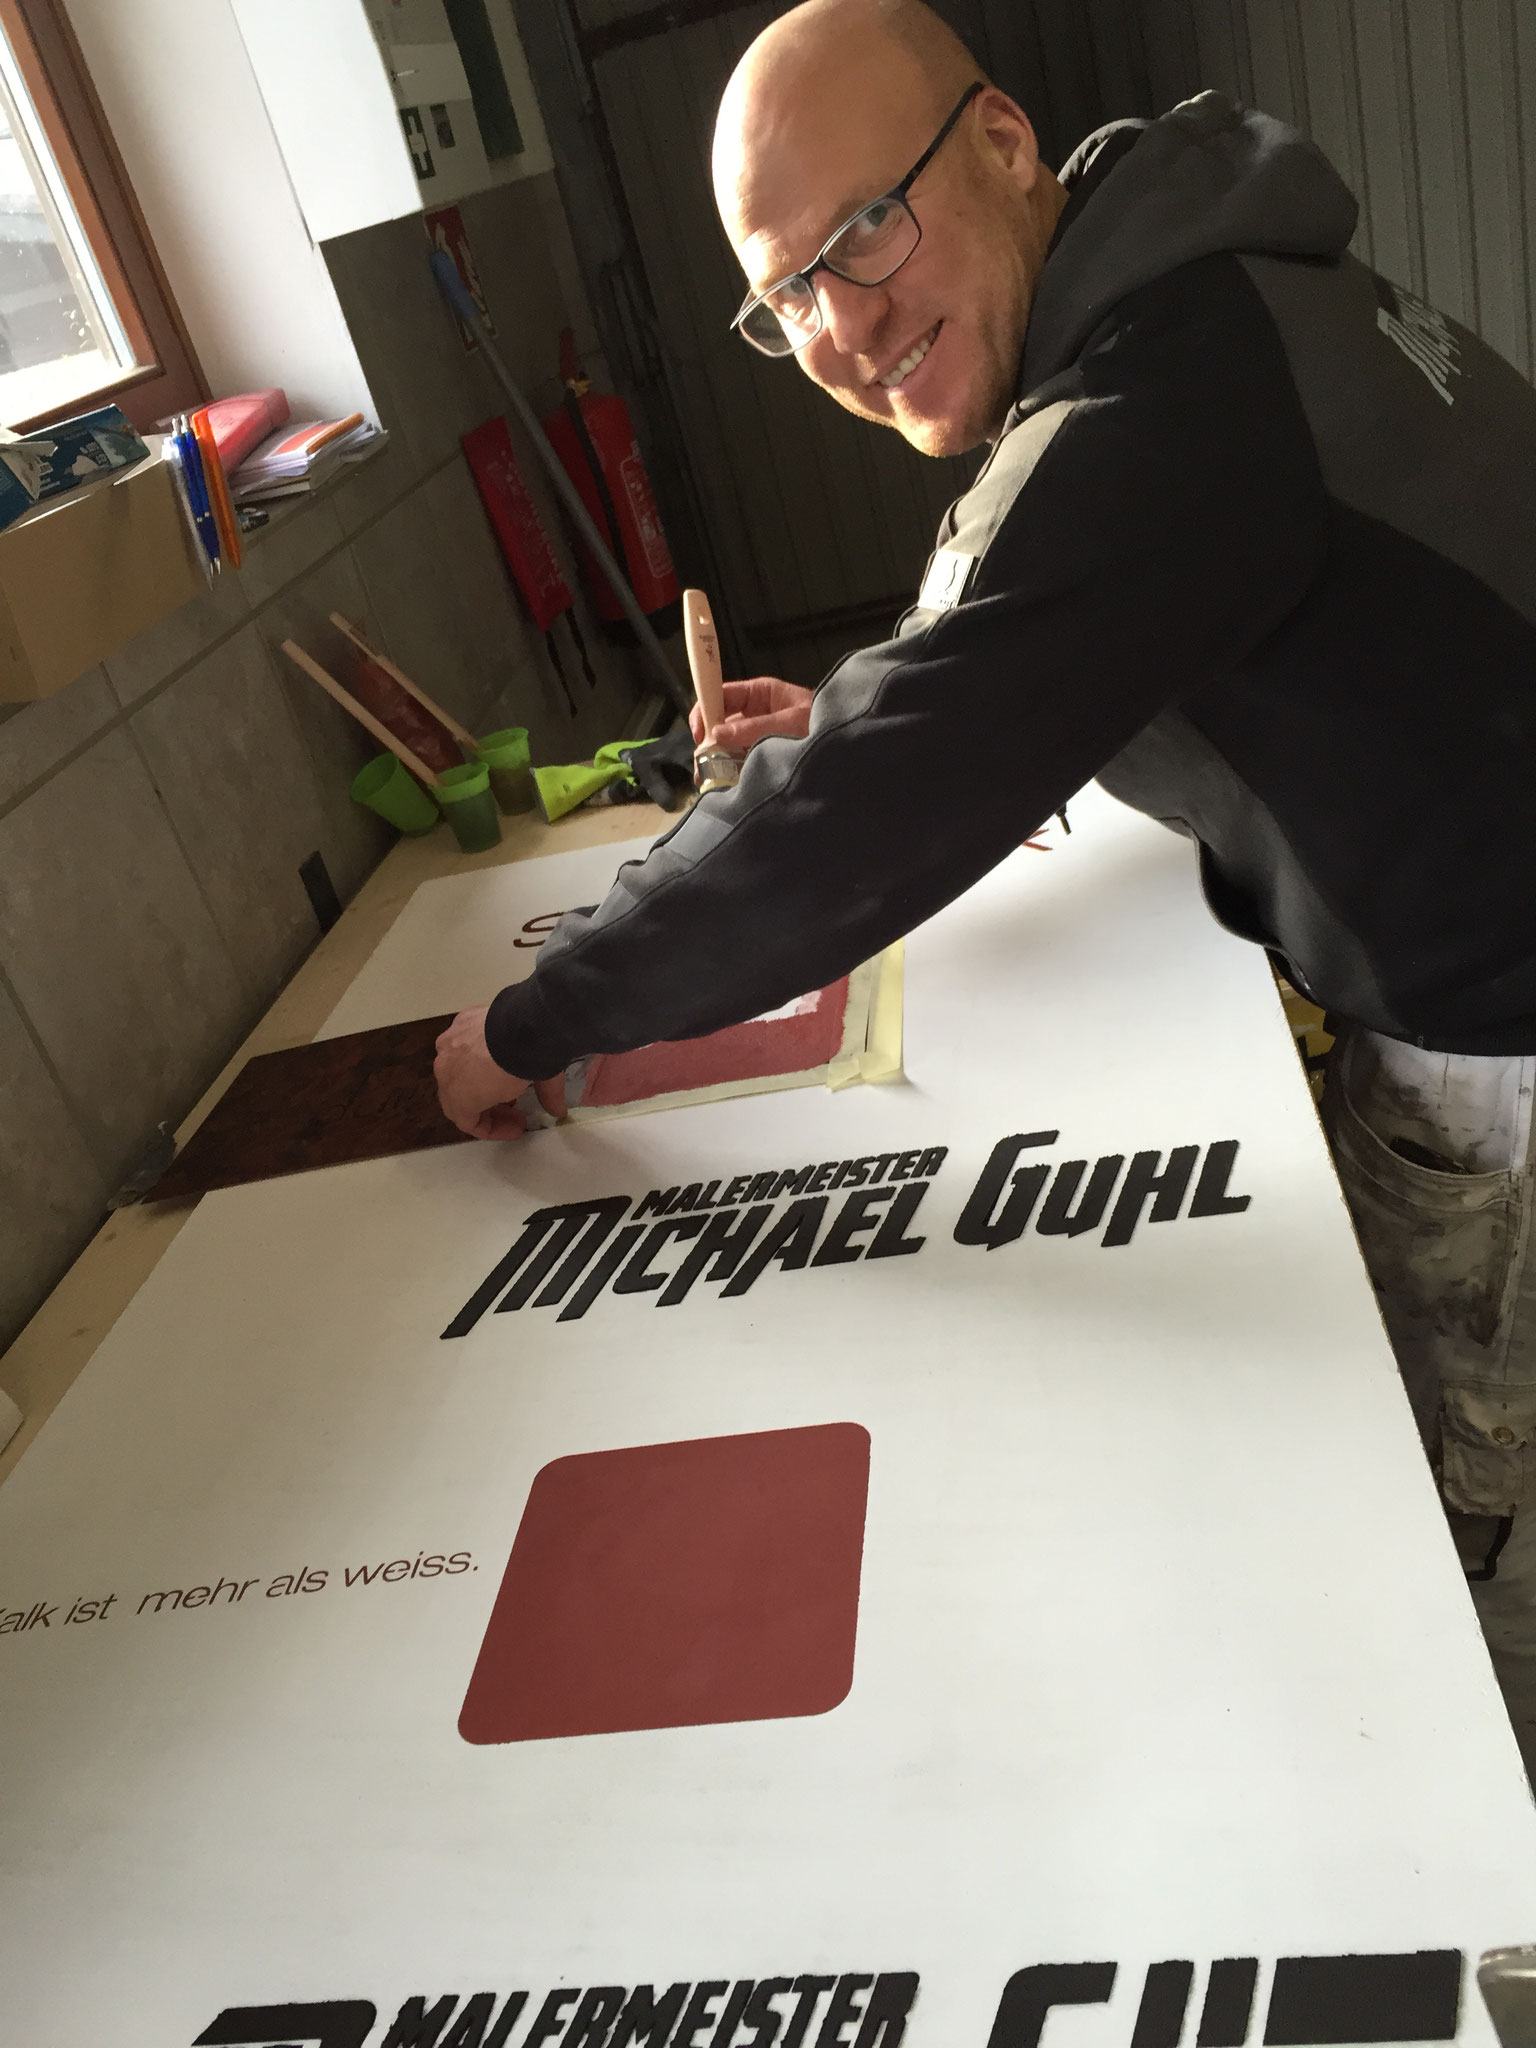 MONUMENTO 2016 Salzburg Messevorbereitung mit Malermeister Michael Gühl ... Messebau ist Handarbeit